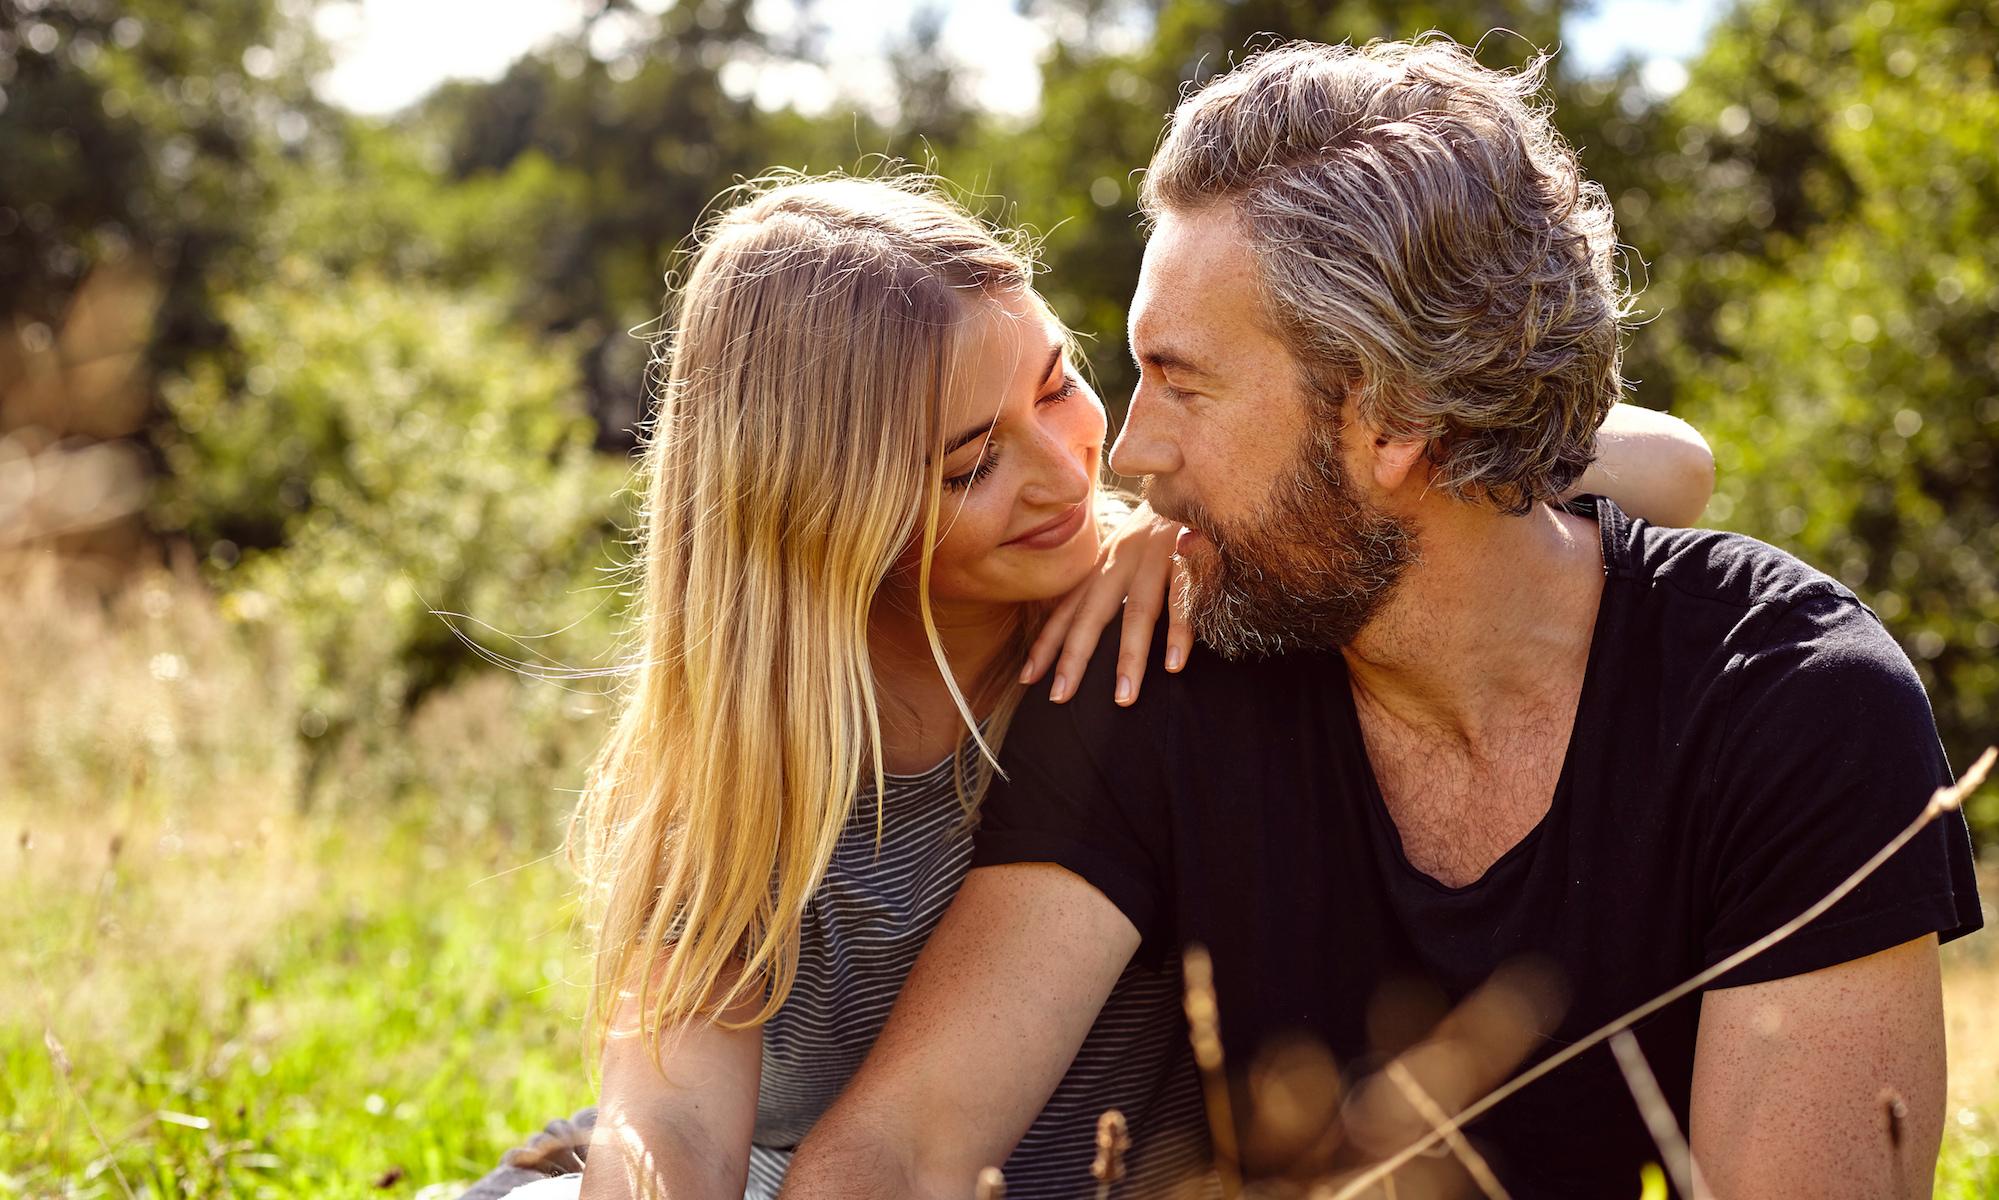 hoe zich te gedragen terwijl dating een getrouwde man